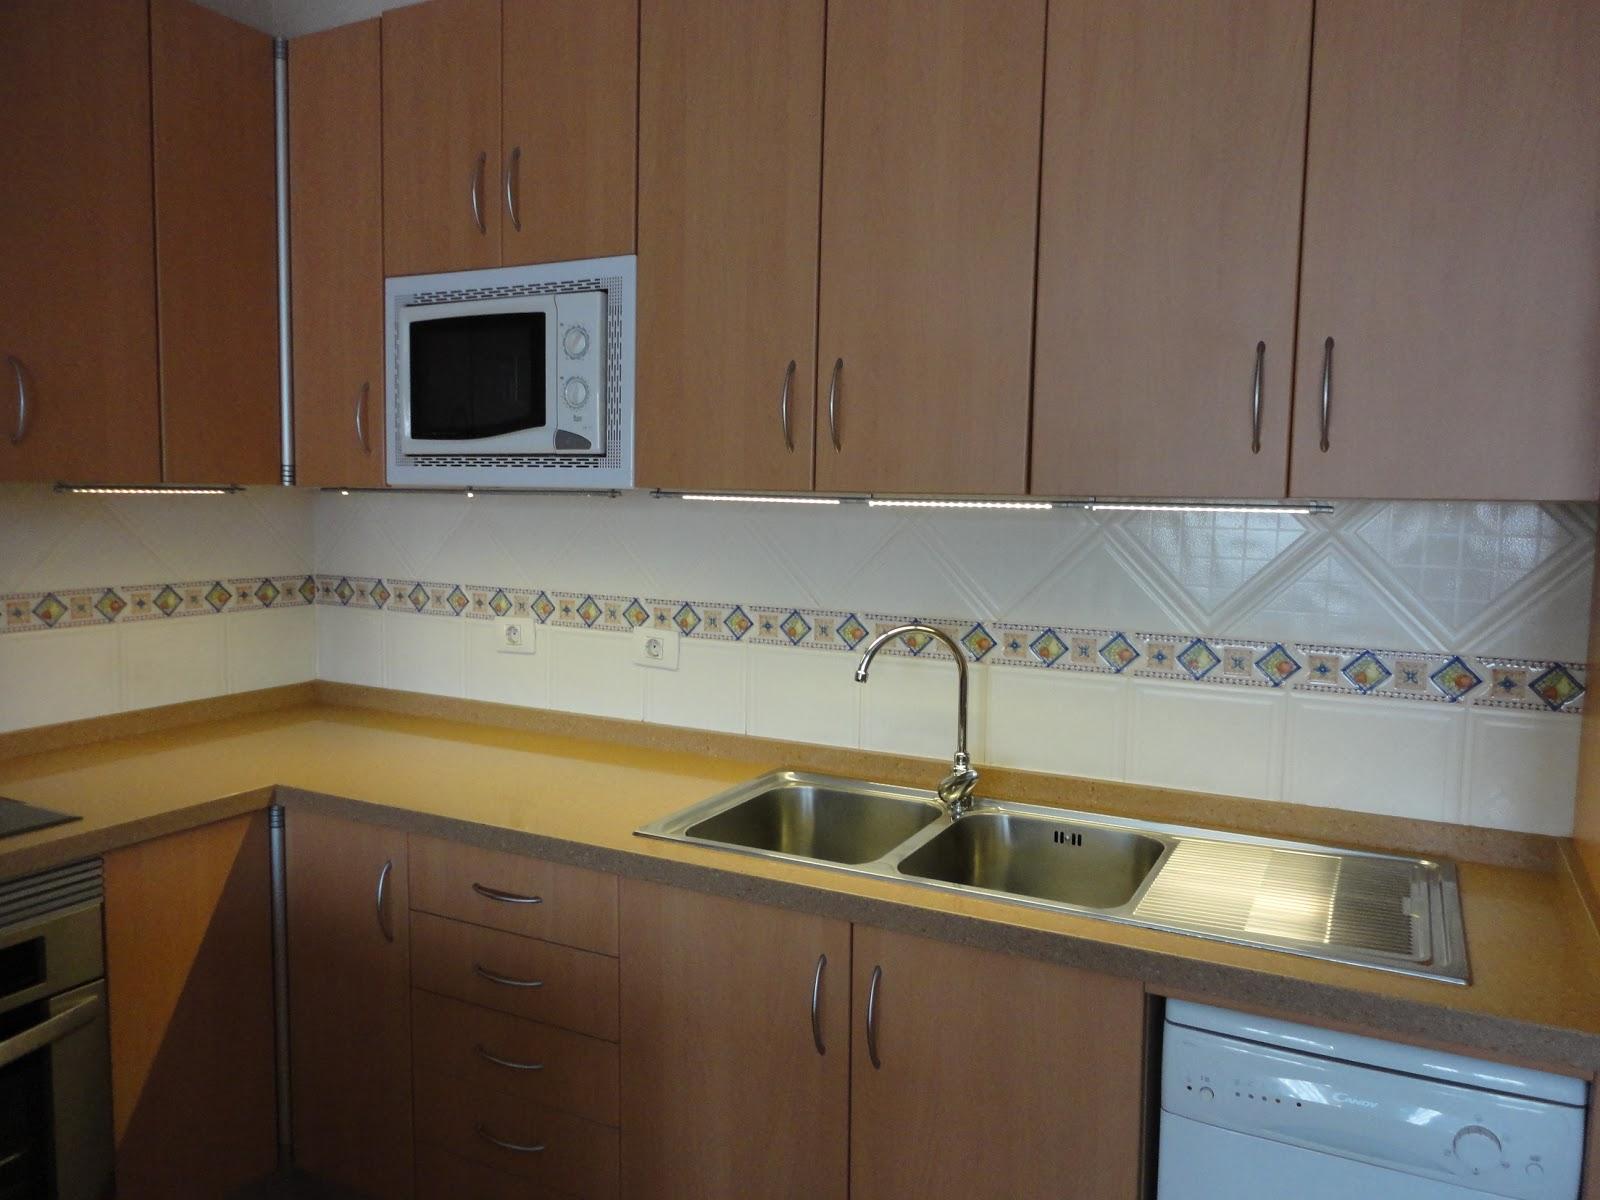 Vendo piso en ingenio cocina - Mueble alto microondas ...